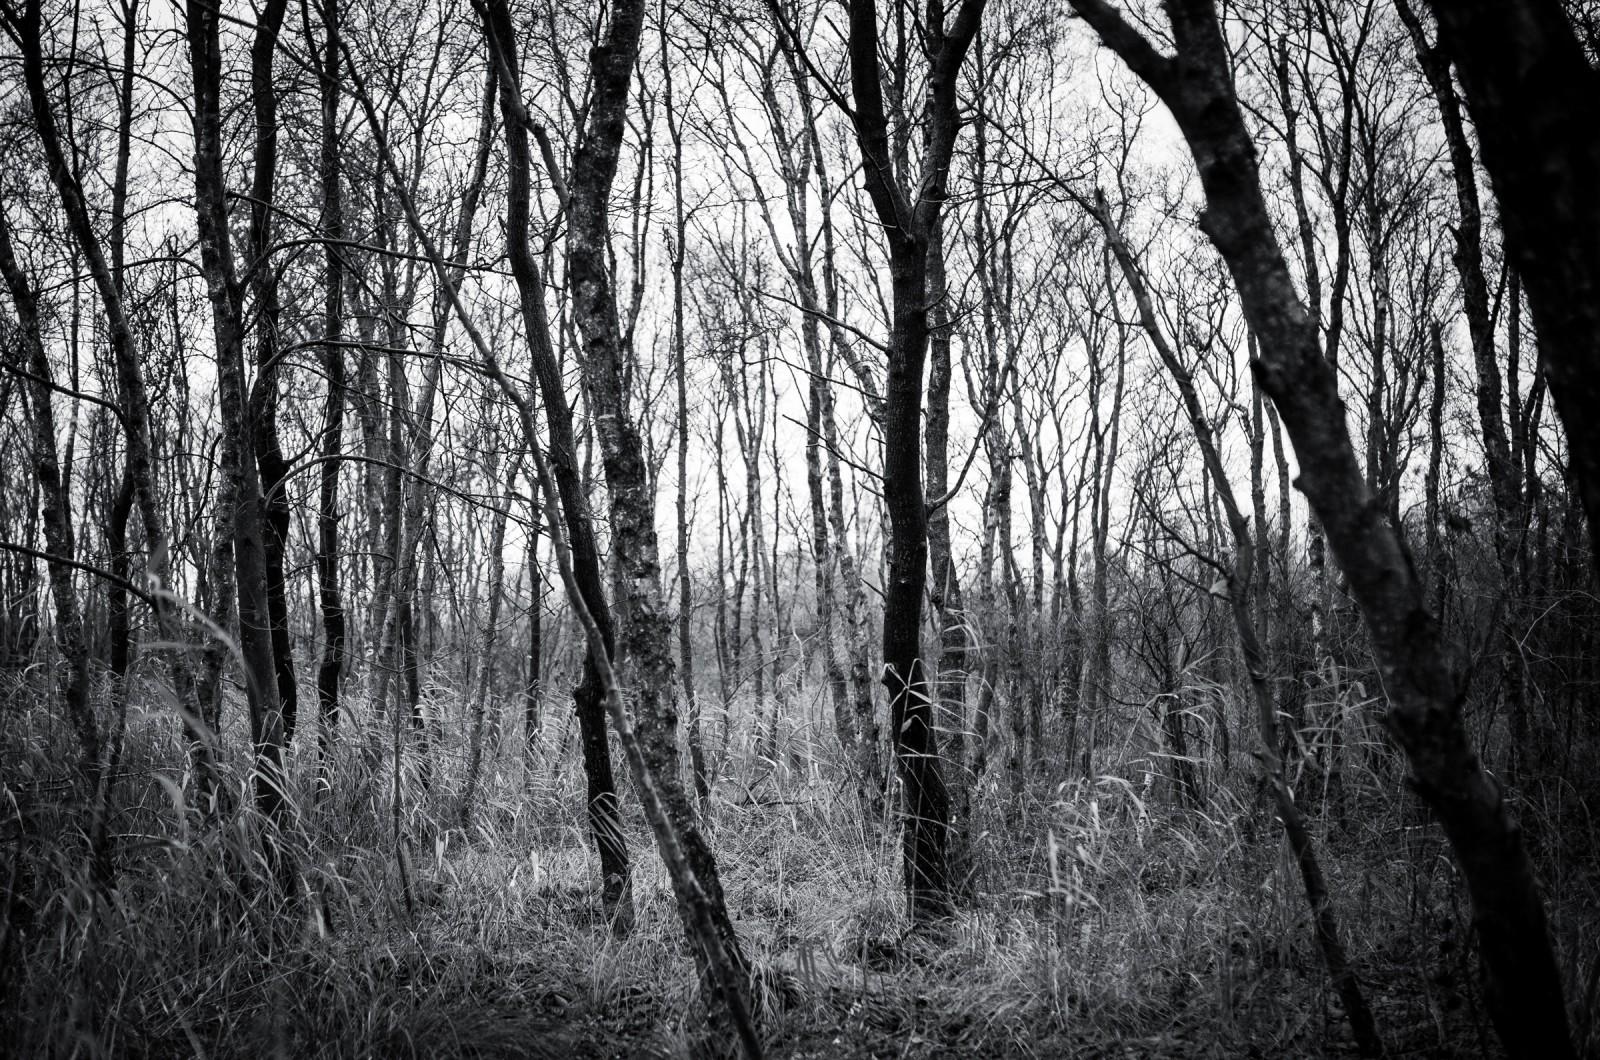 022_Nationaal_park_Weerribben-Wieden__1-1113